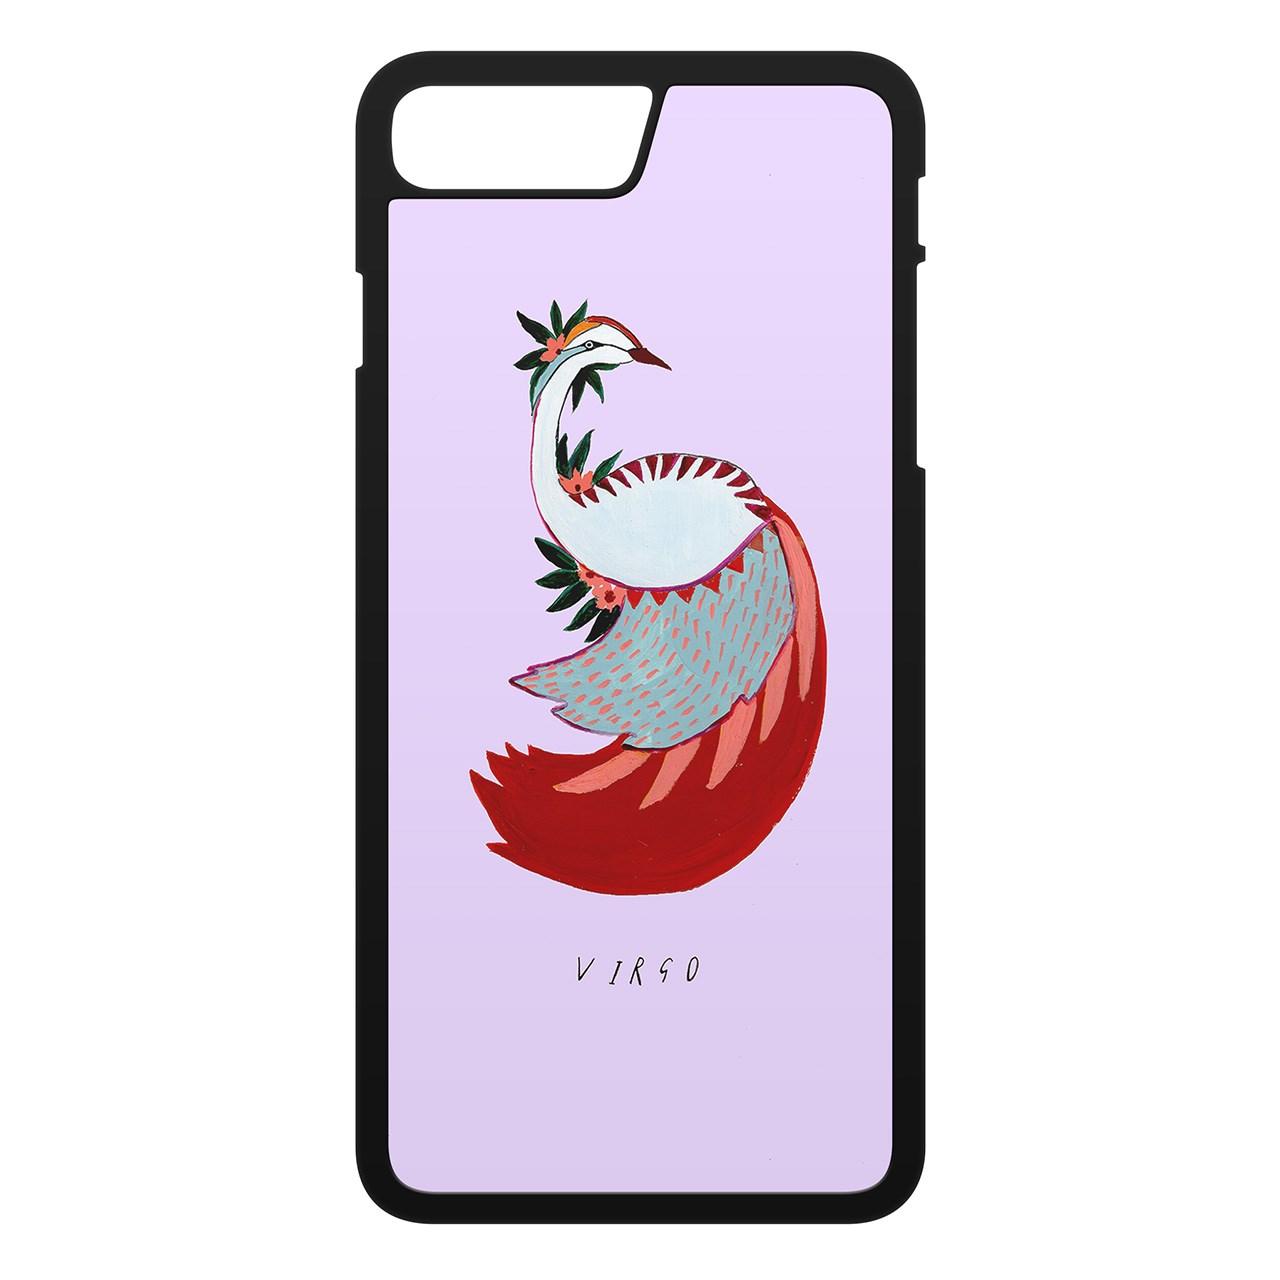 کاور لومانا مدل Virgo کد M7 Plus 075 مناسب برای گوشی موبایل آیفون 7 پلاس